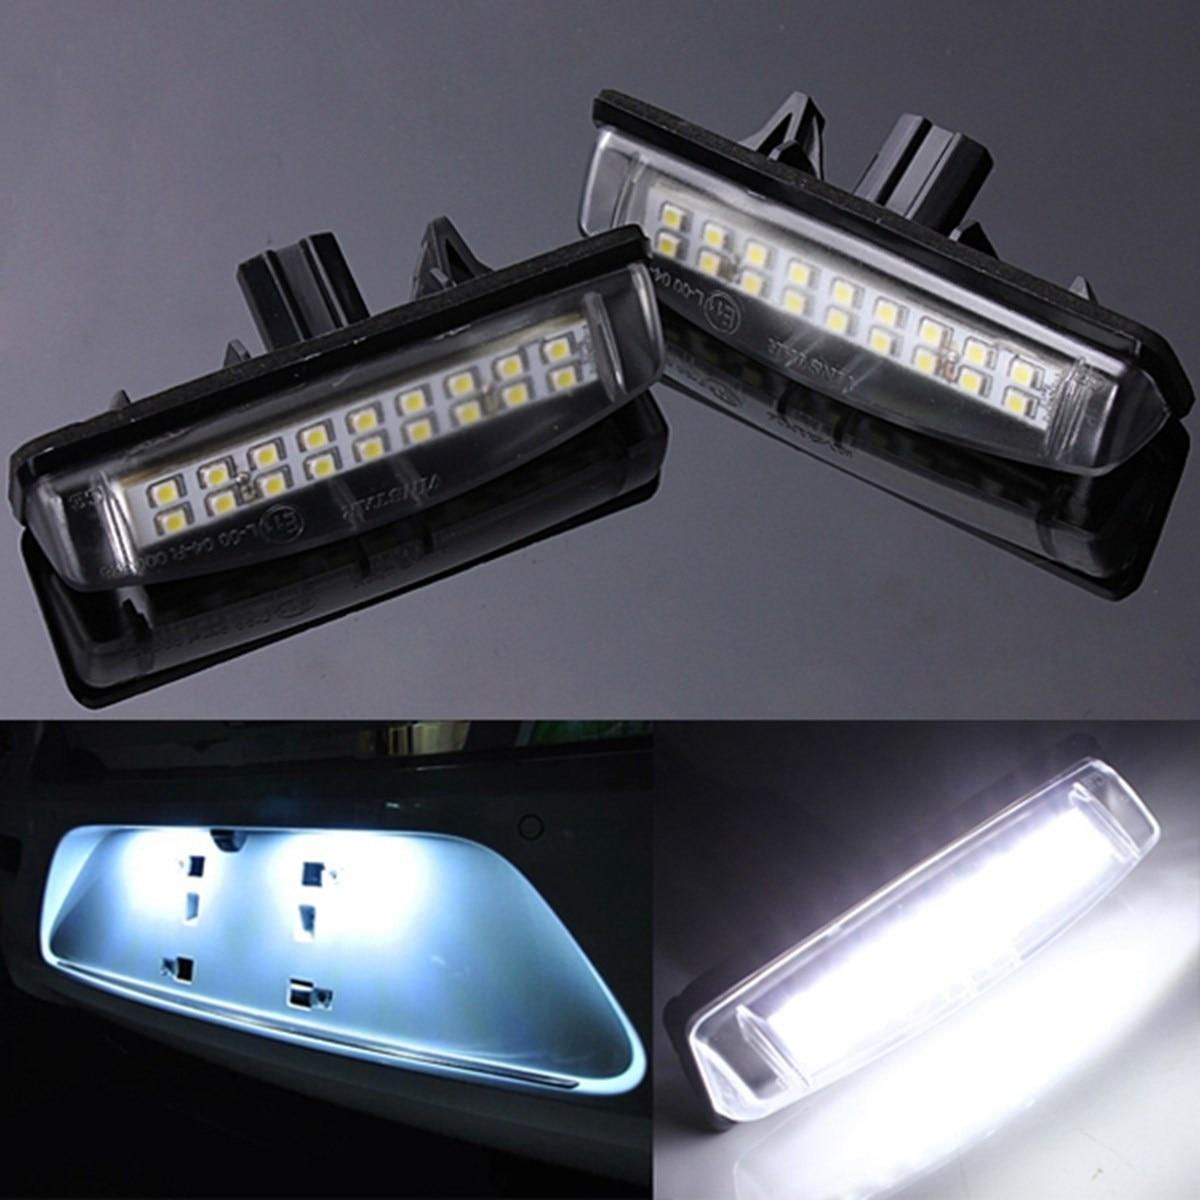 2x автомобилей белый свет номерного знака света 12V номерного знака Лампа не подойдет ошибок для Лексус IS200 комплектацию is300 GS300